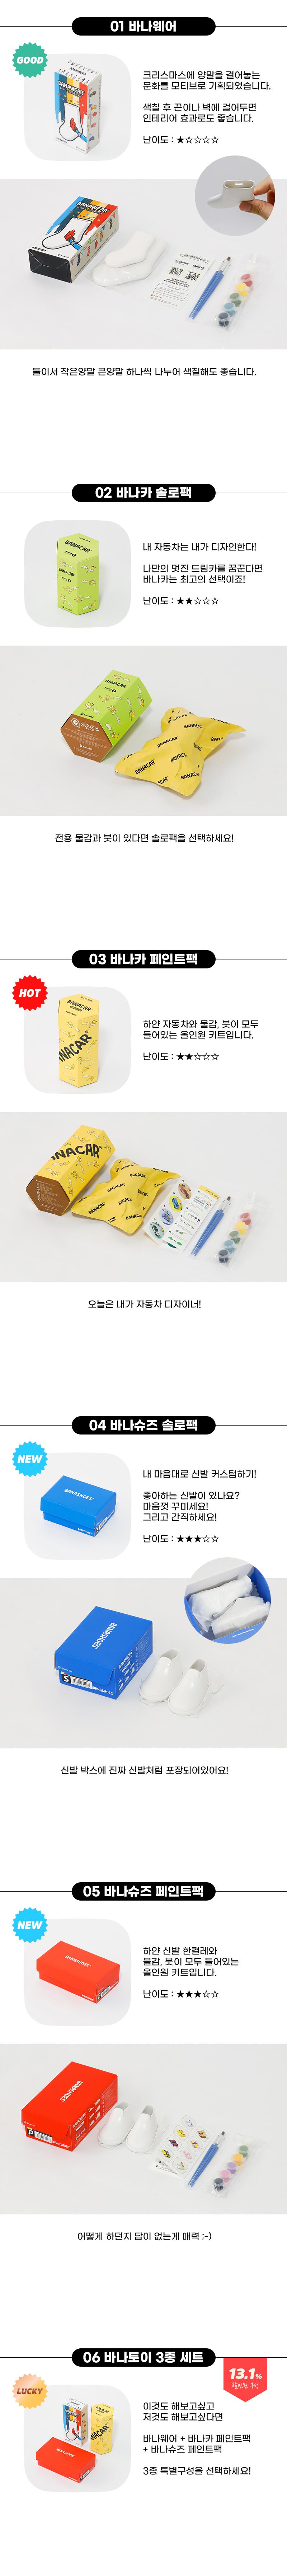 맴돌 바나토이 만져지는 컬러링 DIY 키트